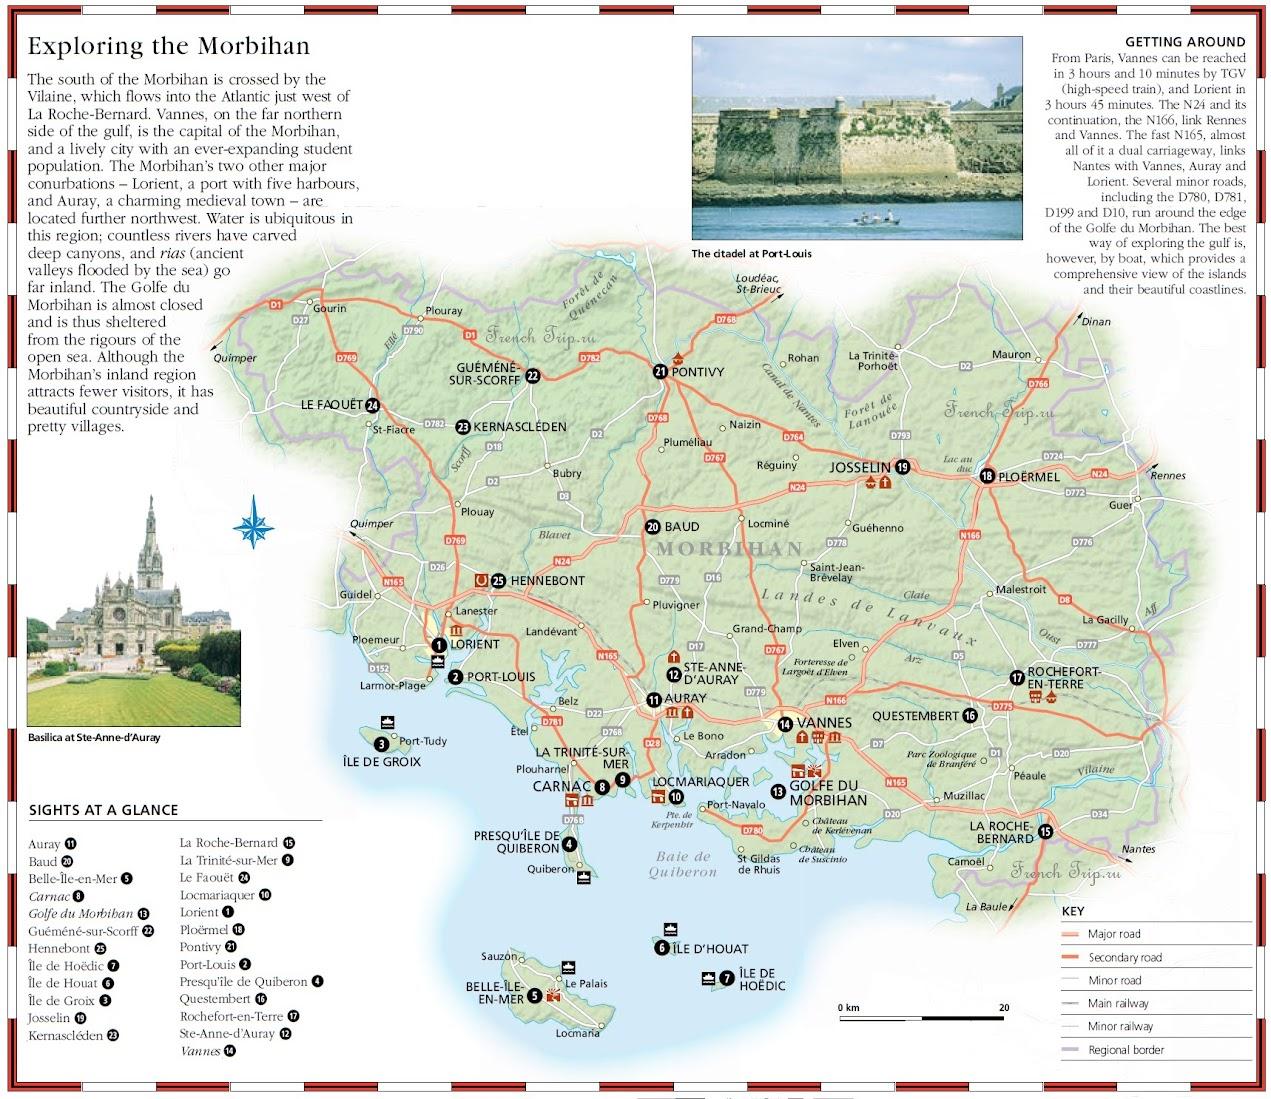 Карта и достопримечательности региона Morbihan - Карта Бретани - скачать бесплатно - достопримечательности, города, регионы, схема дорог. Что посмотреть в Бретани. Путеводитель по Бретани и Франции.